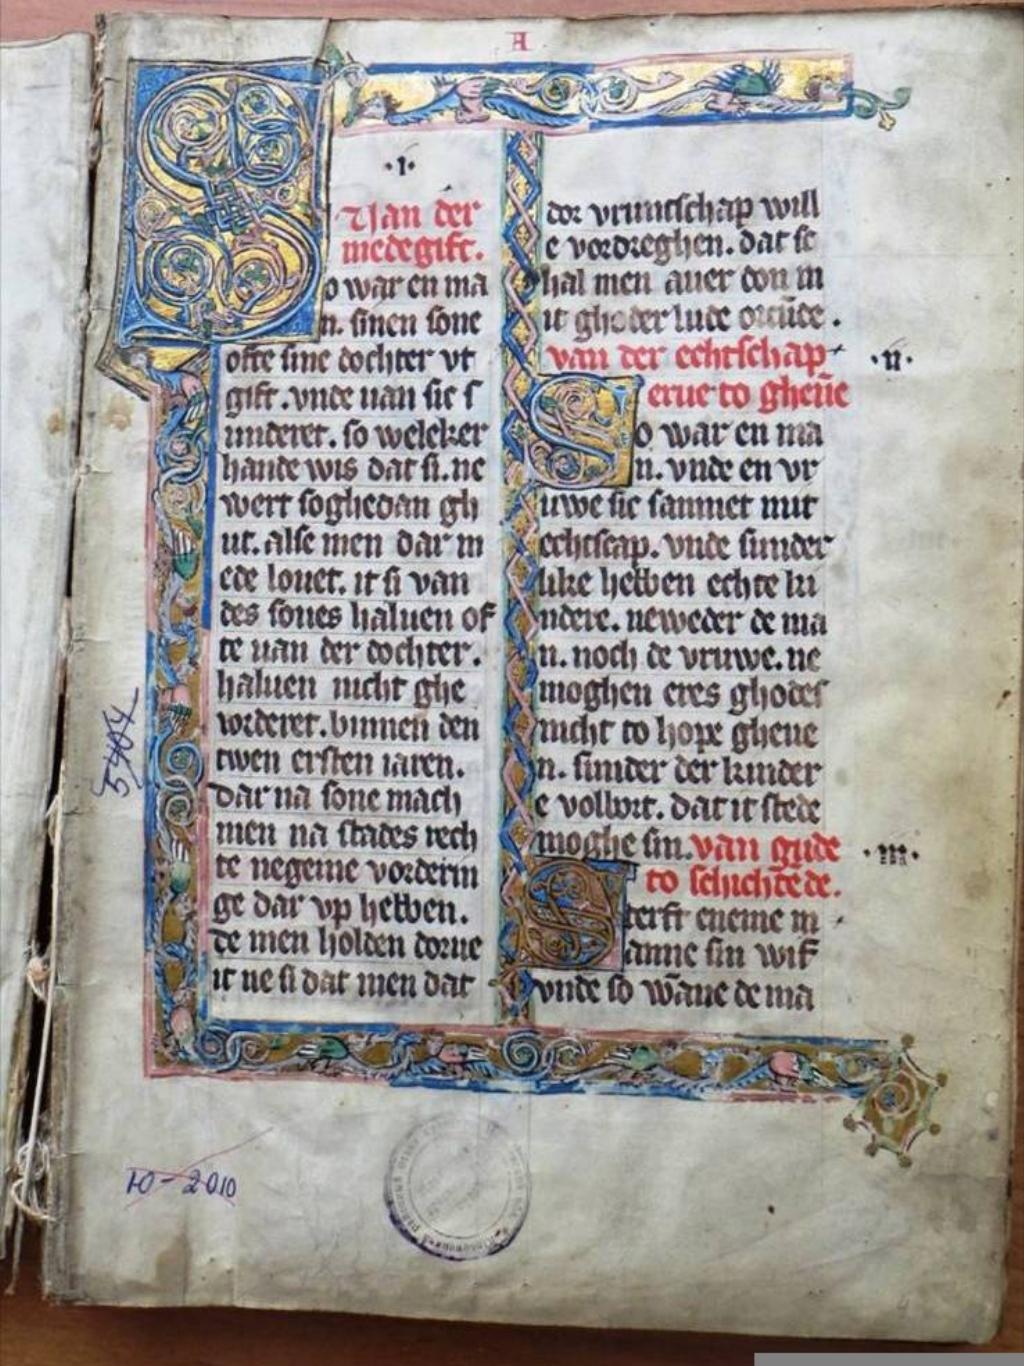 Bardewikscher Codex – Wikipedia